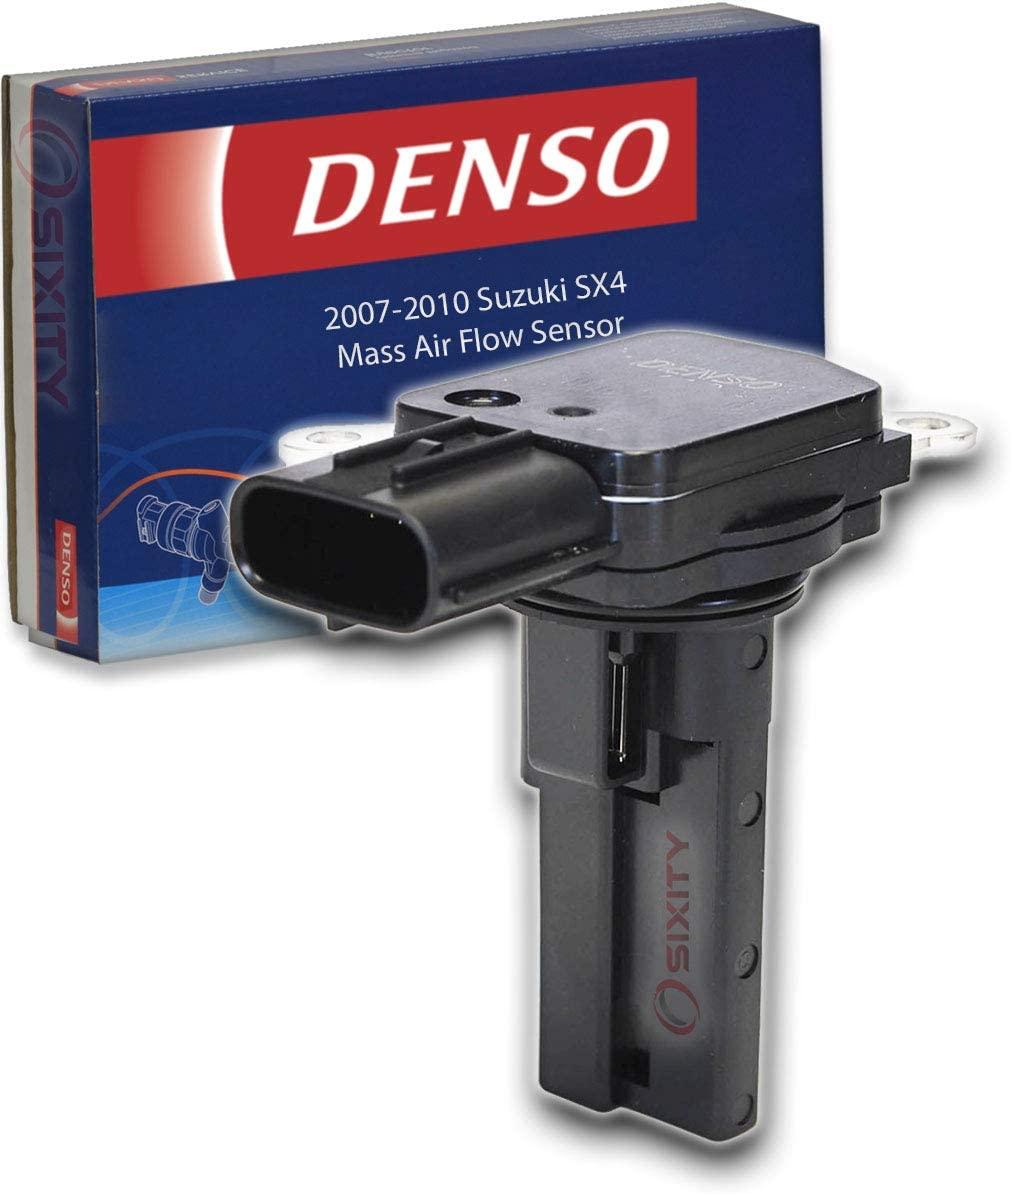 Denso Mass Air Flow Sensor for Suzuki SX4 2.0L L4 2007-2010 MAF Tune Up Kit